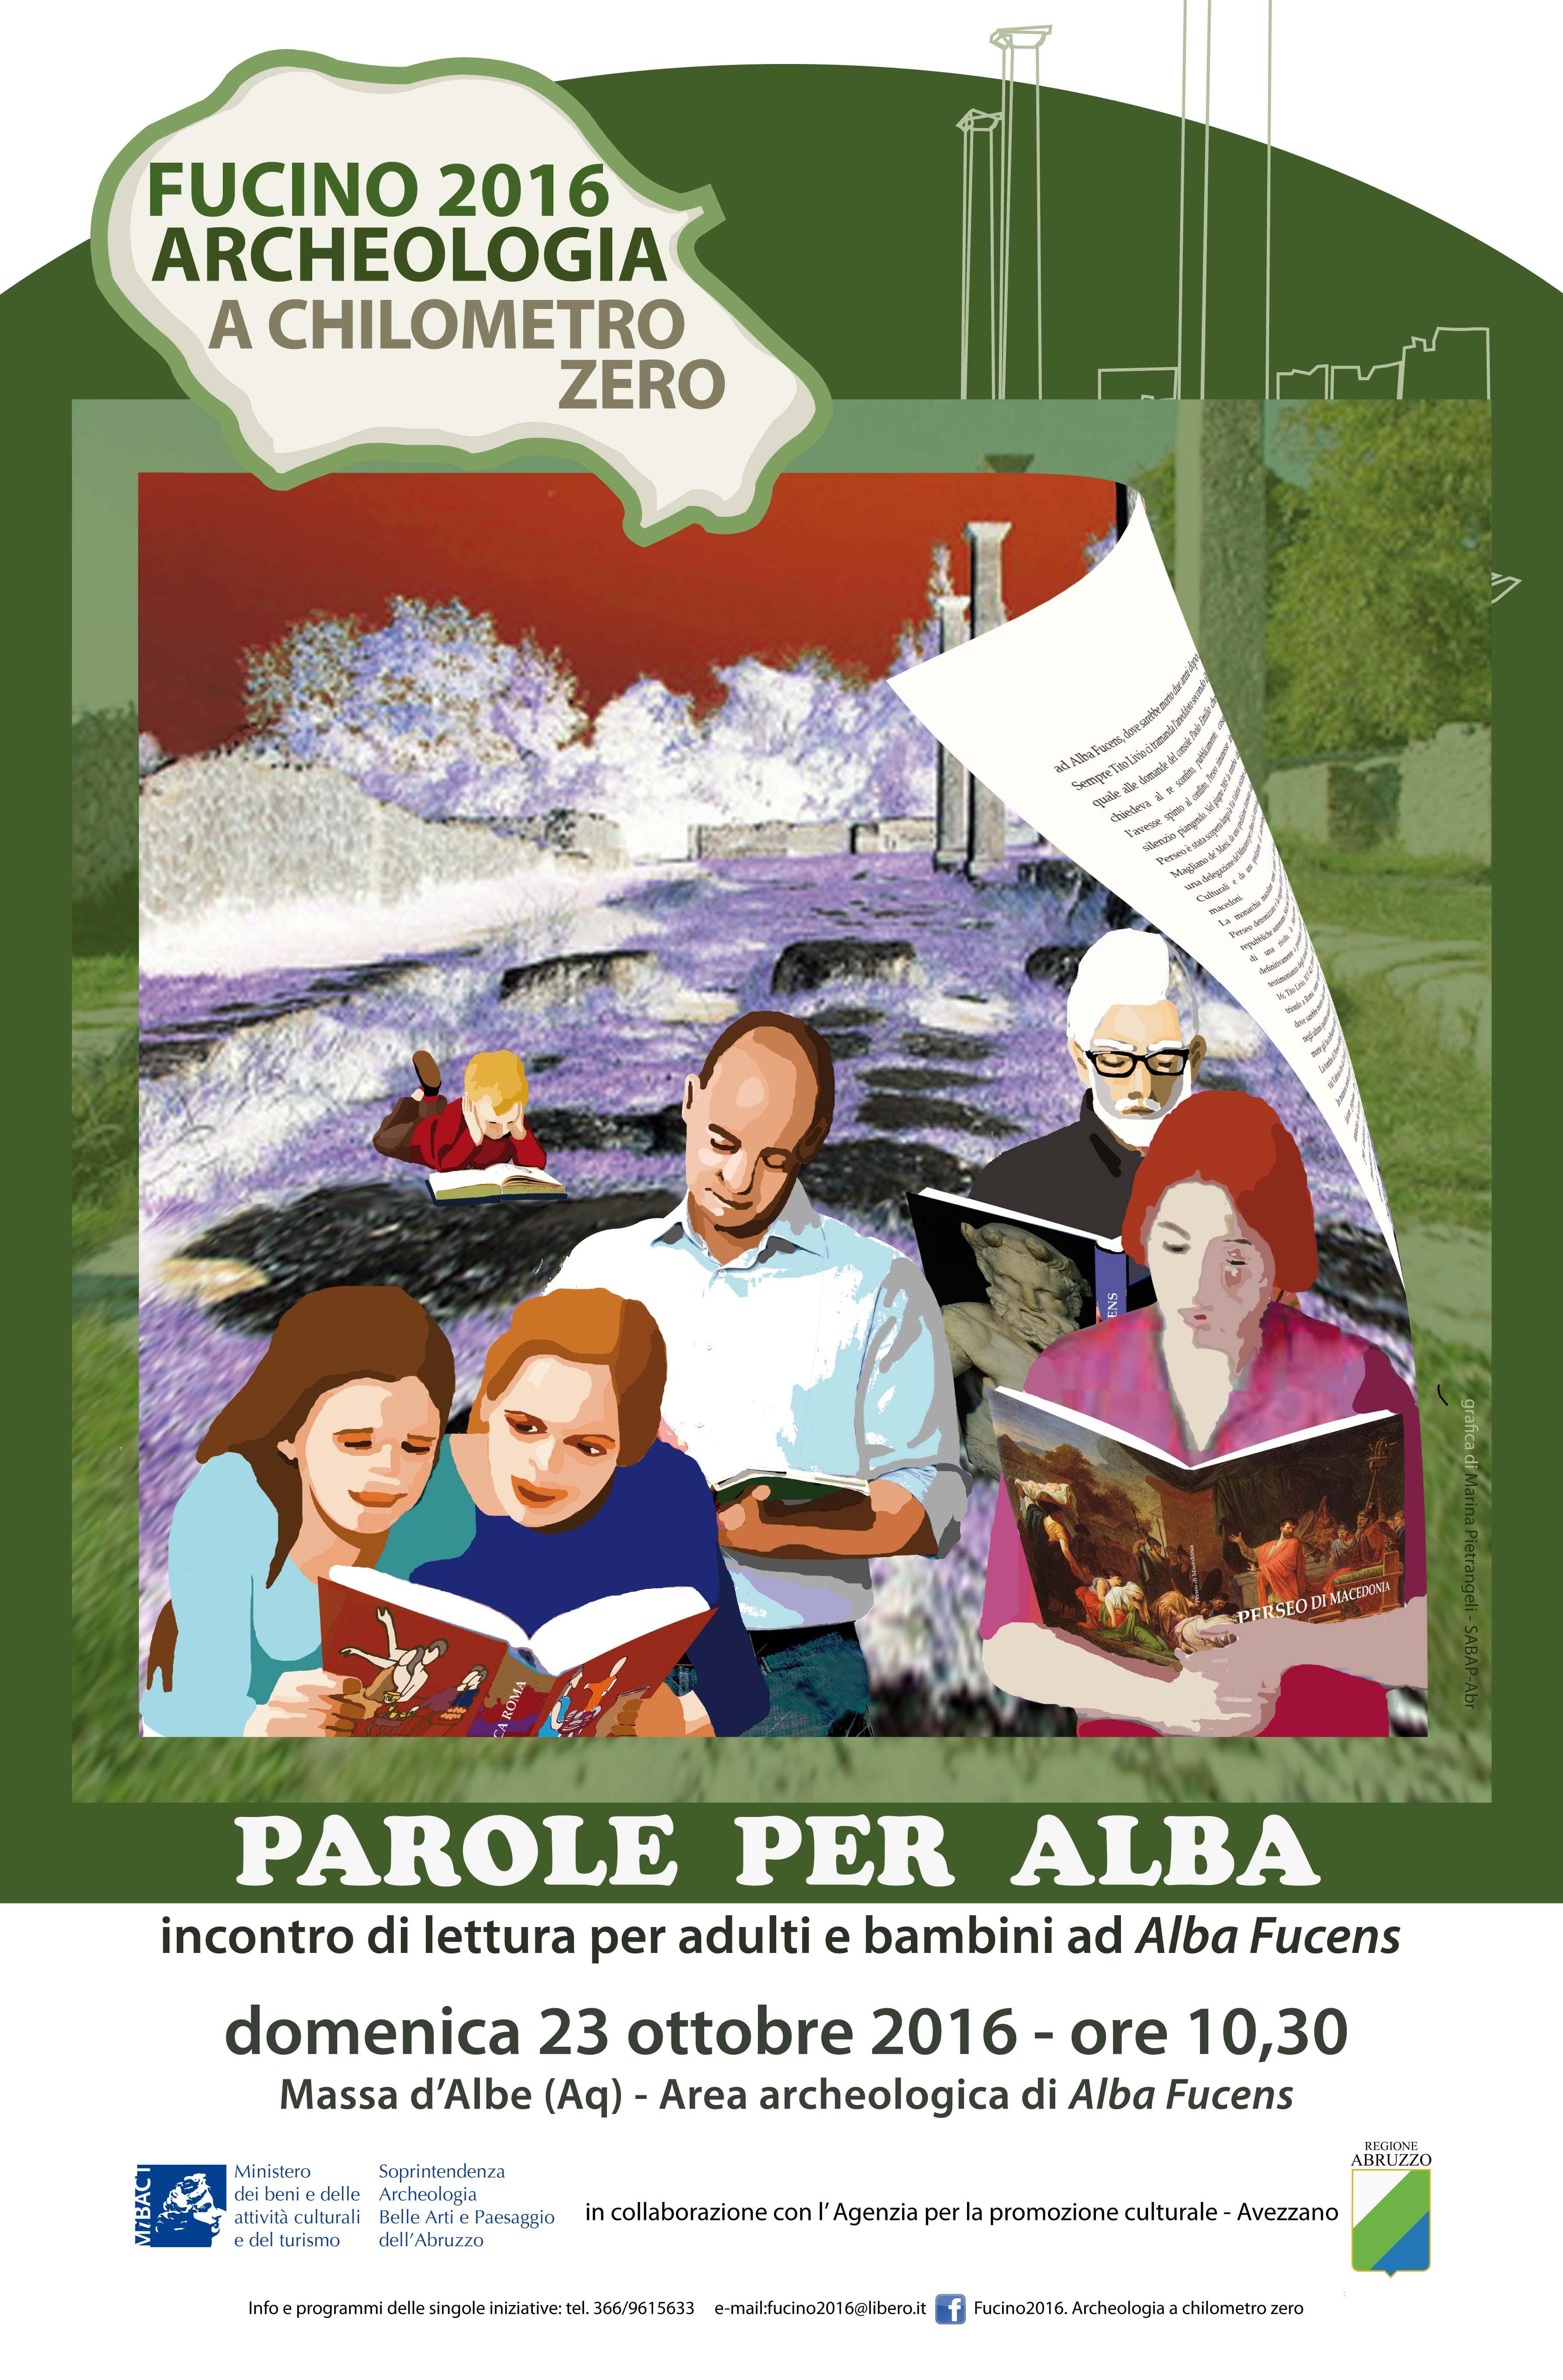 """""""Fucino 2016. Archeologia a chilometro zero"""" Parole per Alba. Incontro di lettura per adulti e bambini"""